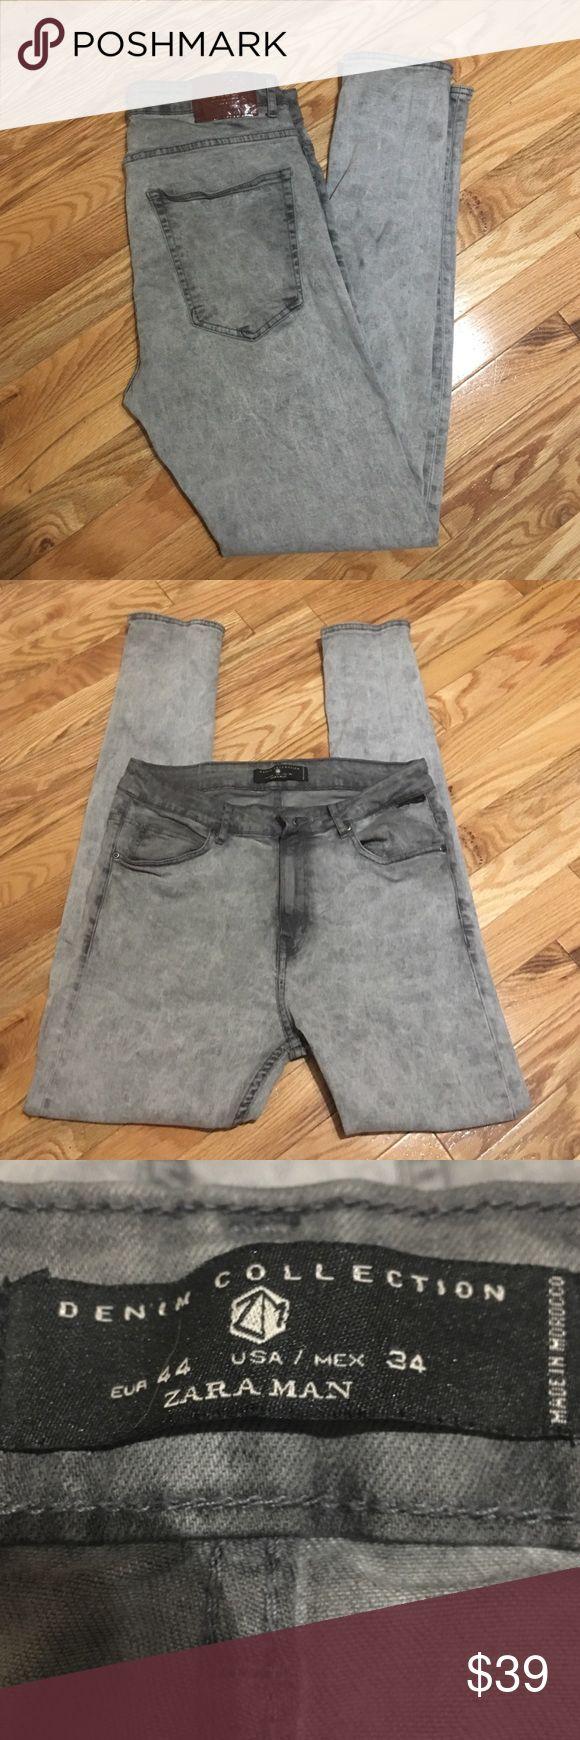 ZARA MAN skinny jeans Grey men's skinny jeans by ZARAMAN size 34 with a 29 inseam. No rips,holes,stains!!! Zara Jeans Skinny